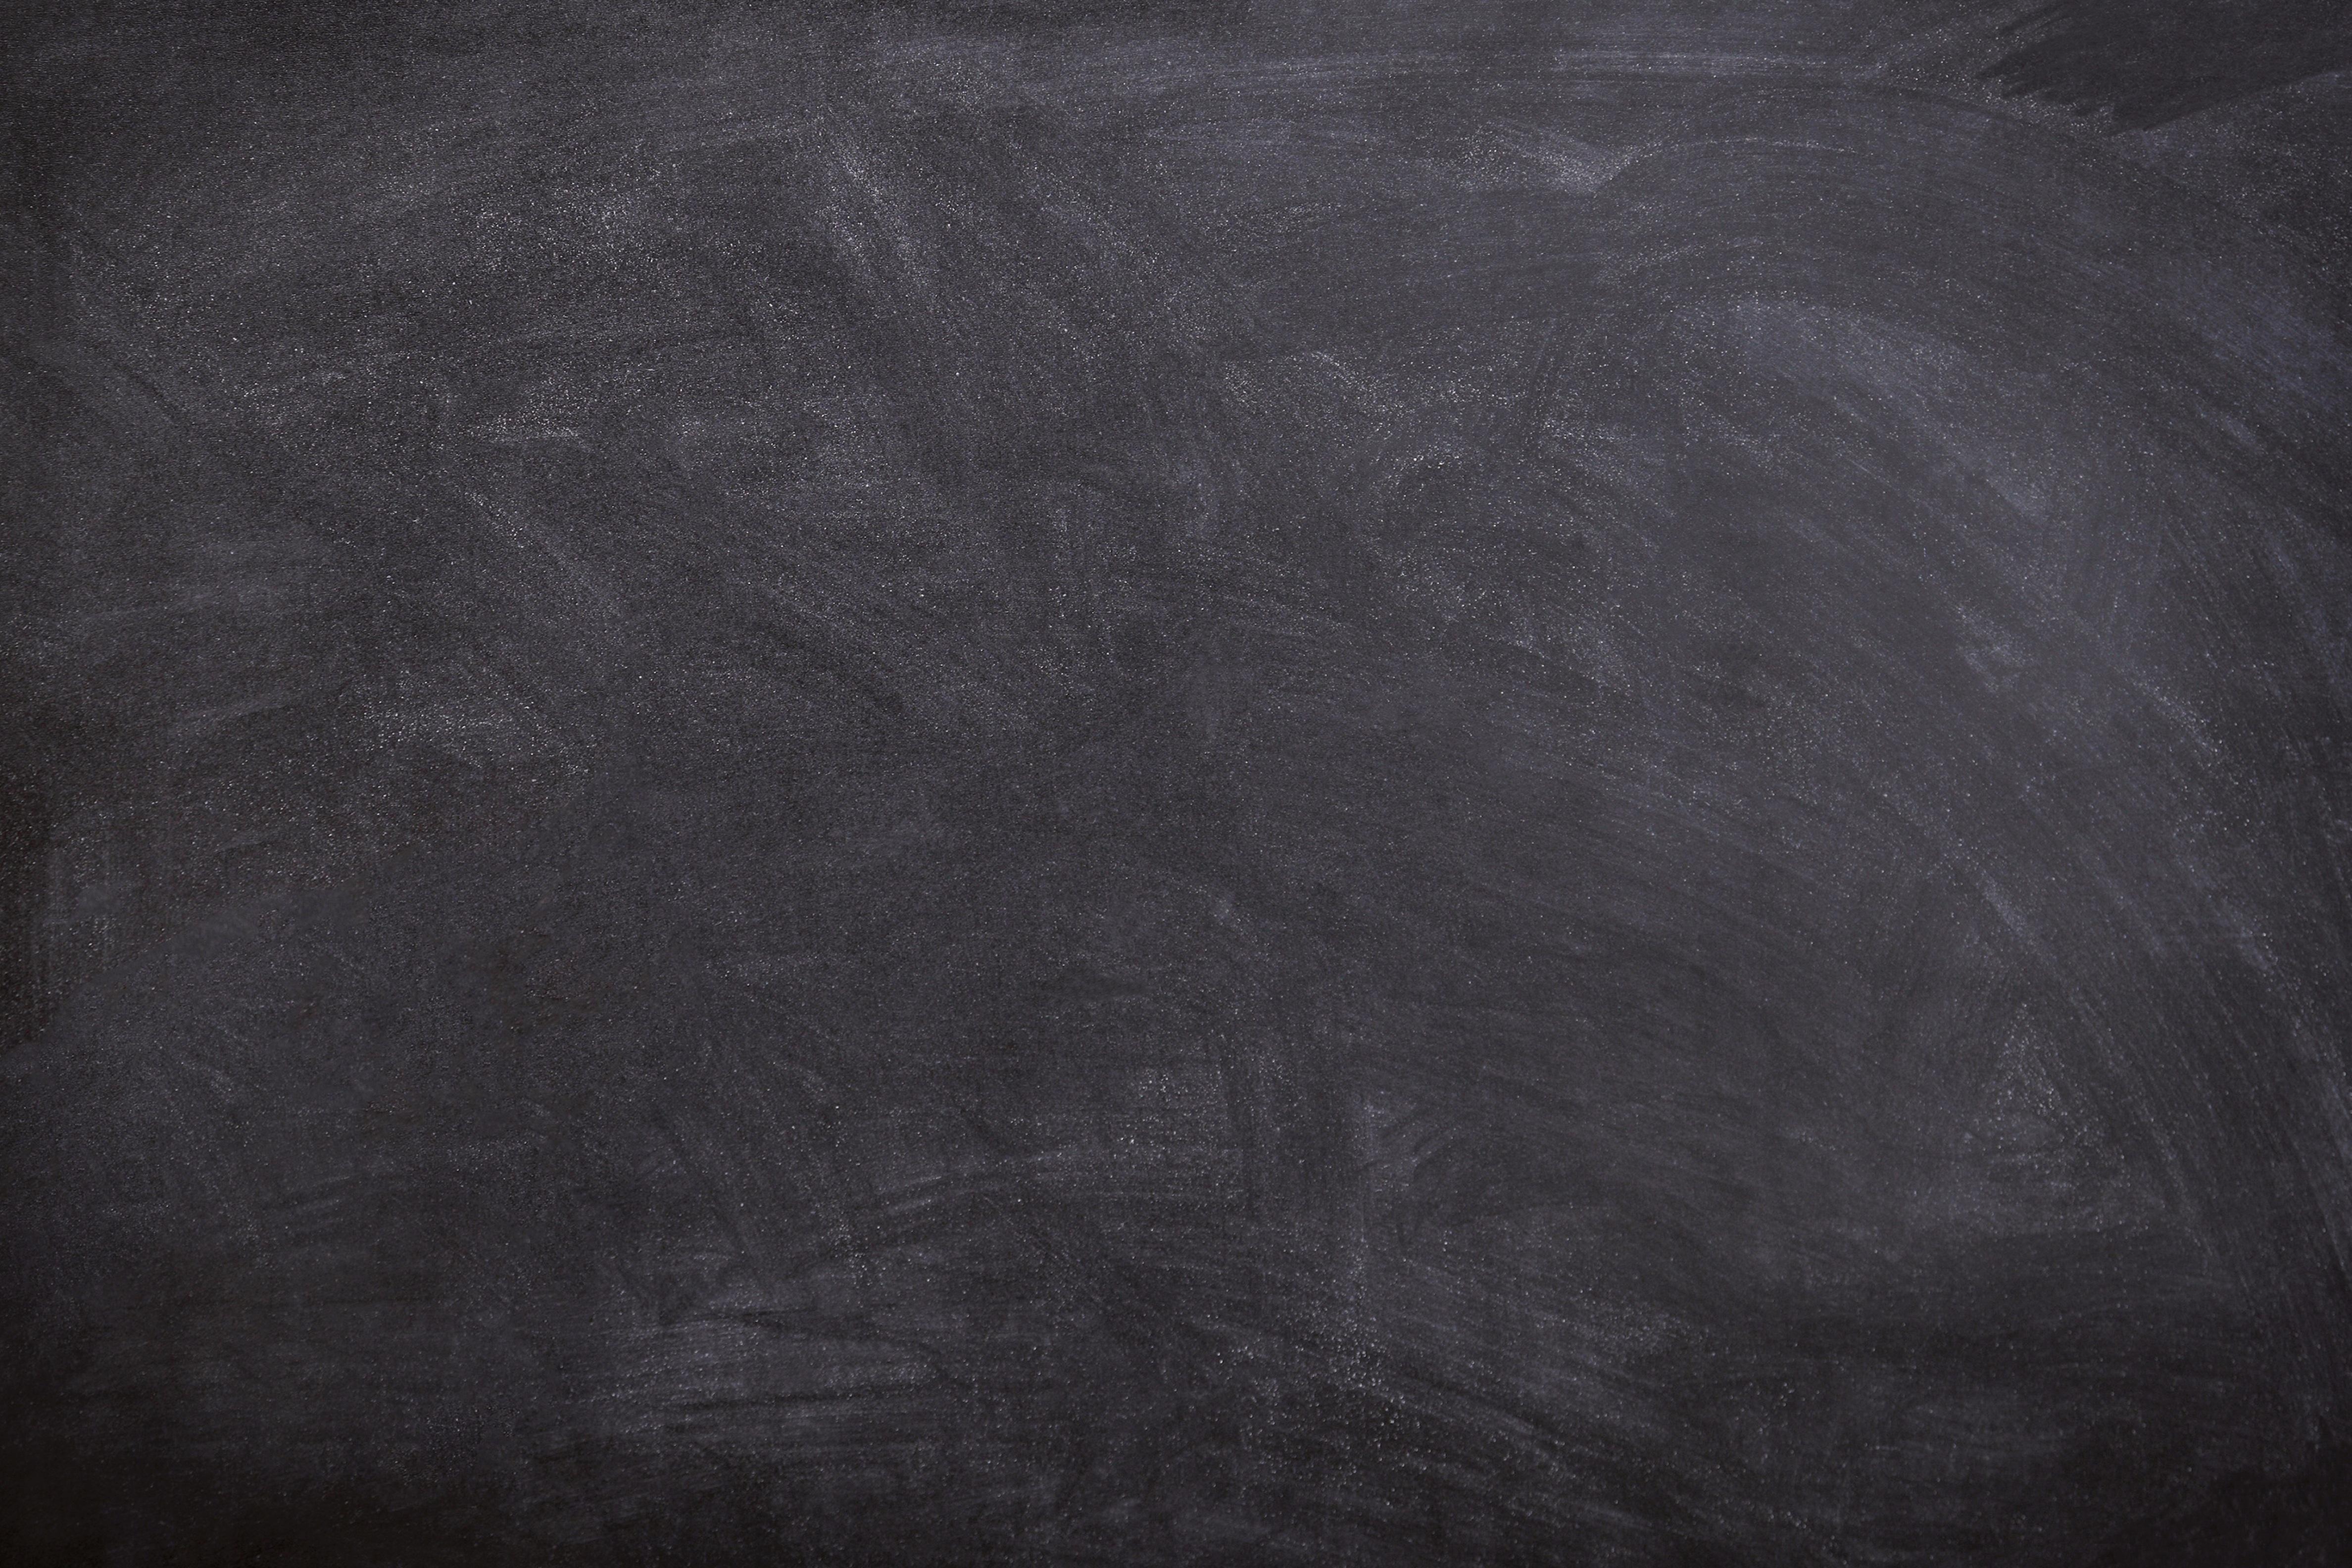 essay by a teacher in a black high school